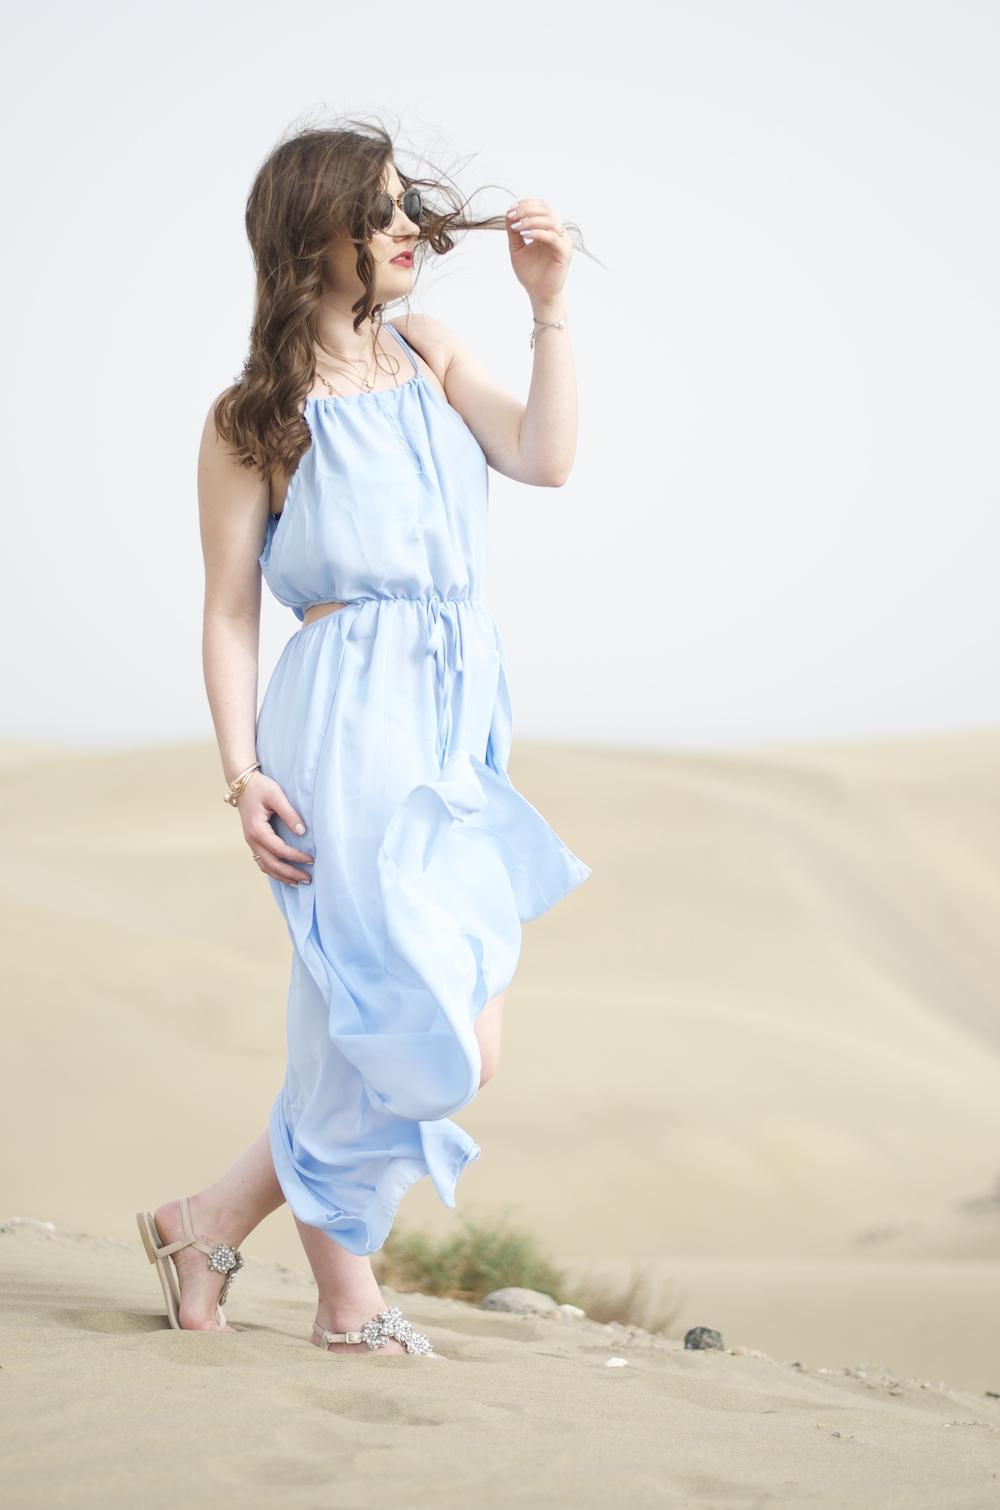 sara-bow-les-dunas-gran-canaria-dünen-wüste-outfit